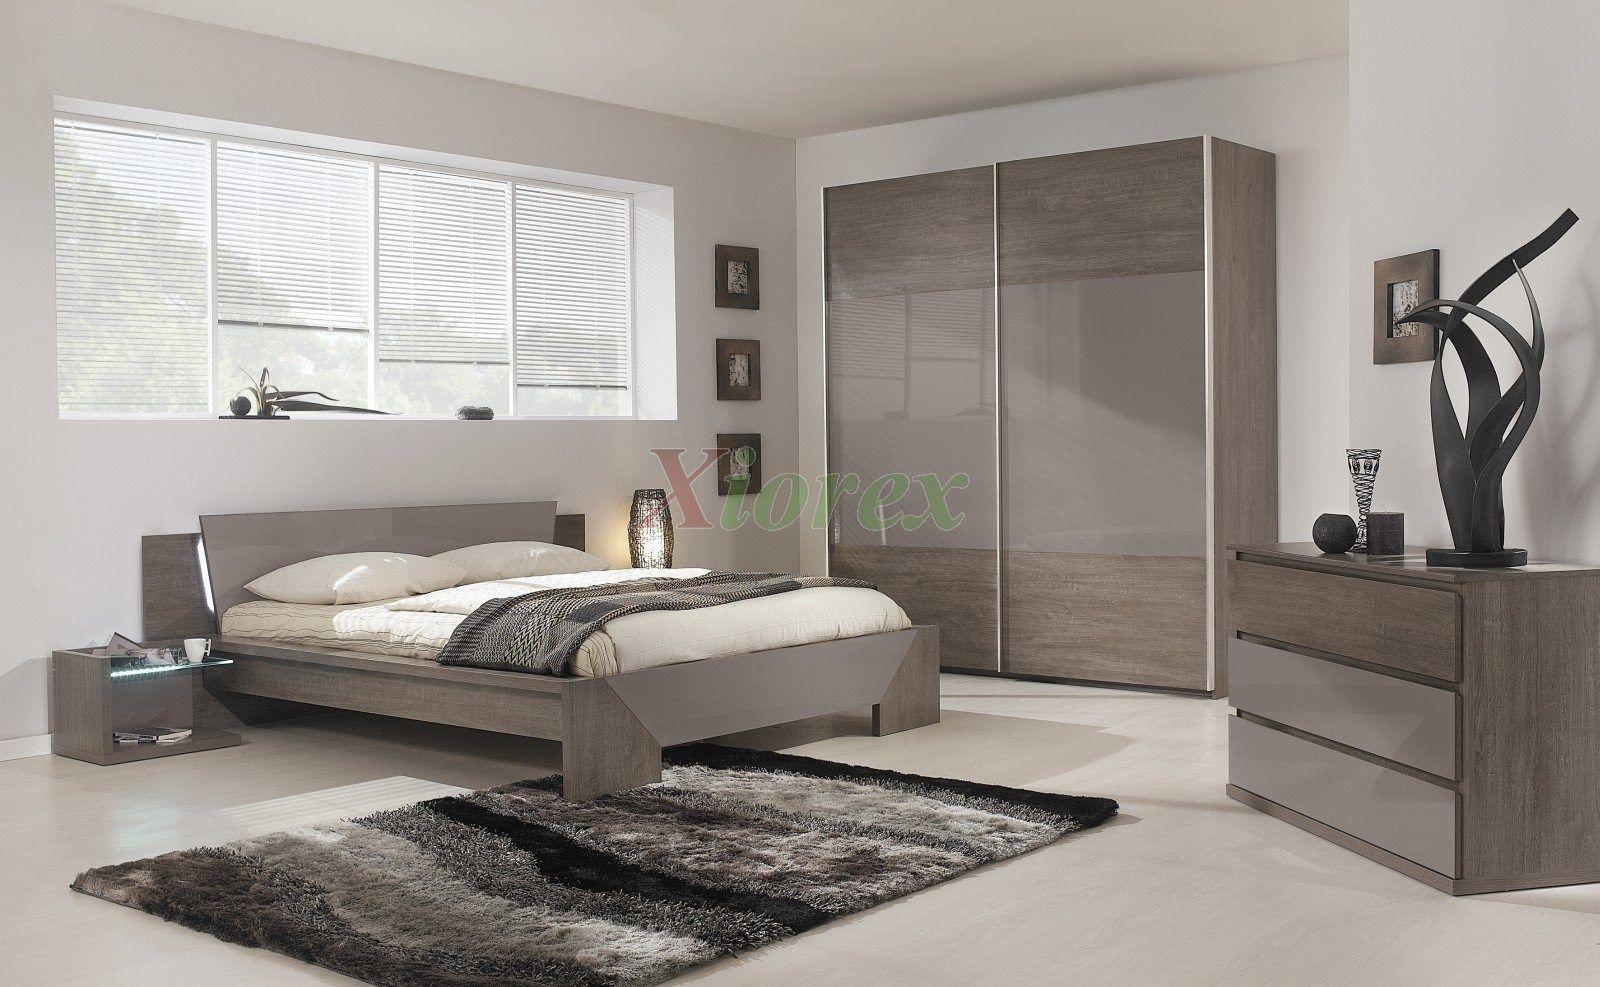 Gautier Furniture Prices Modern Bedroom Set Modern Bedroom Furniture Bedroom Furniture Design